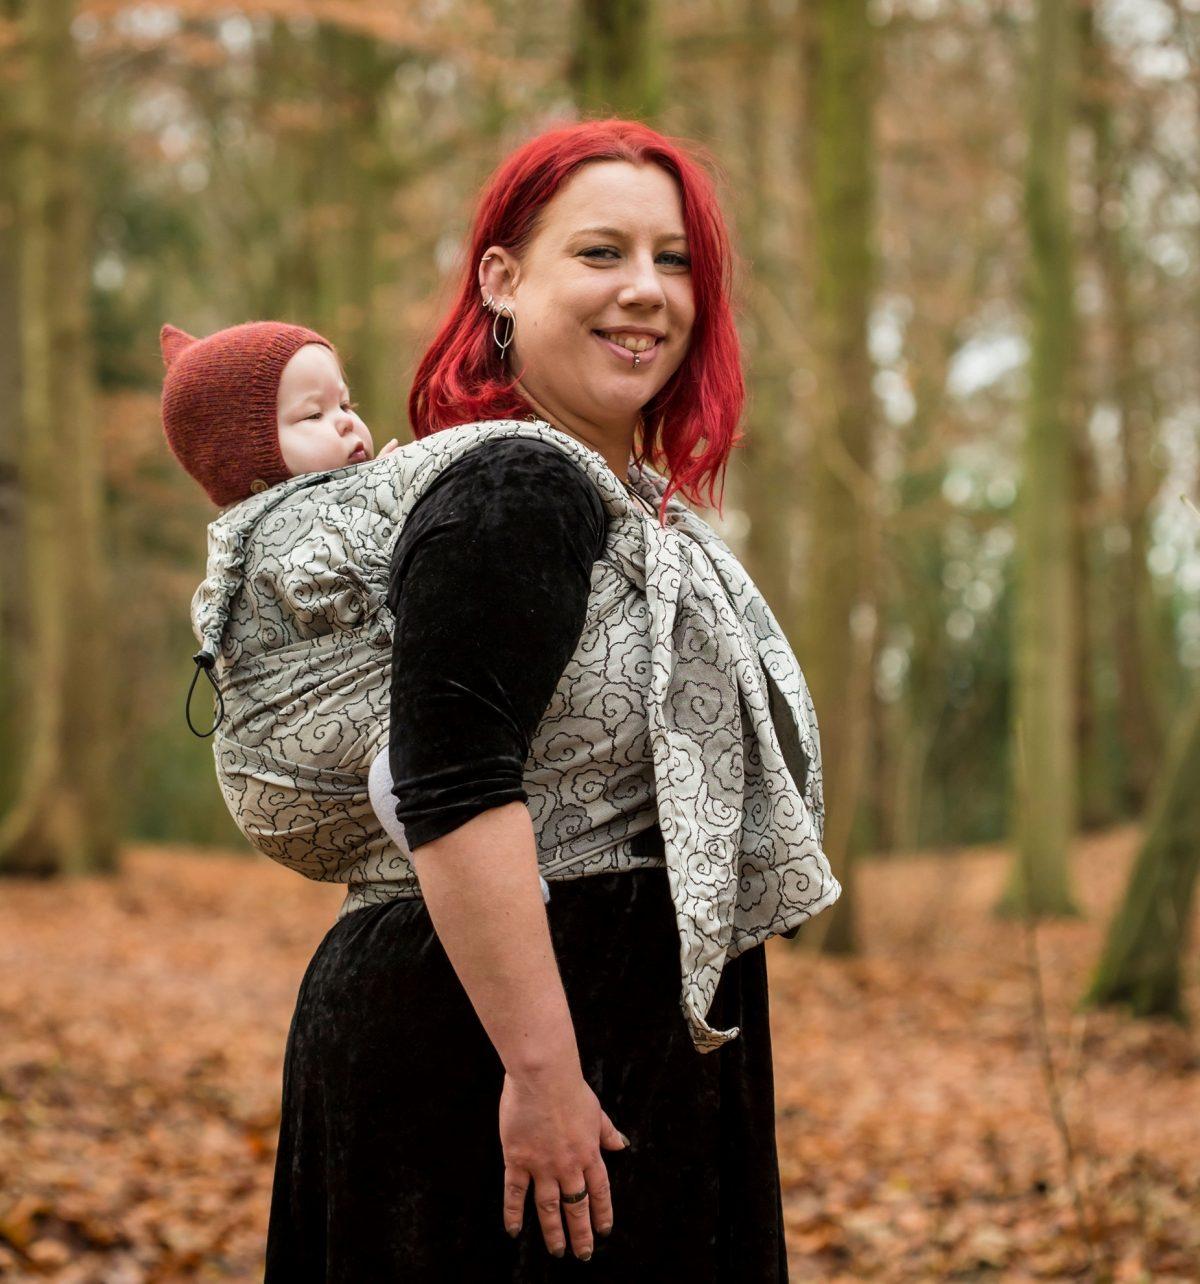 Neko Half Buckle Toddler Size - Lokum Hazel